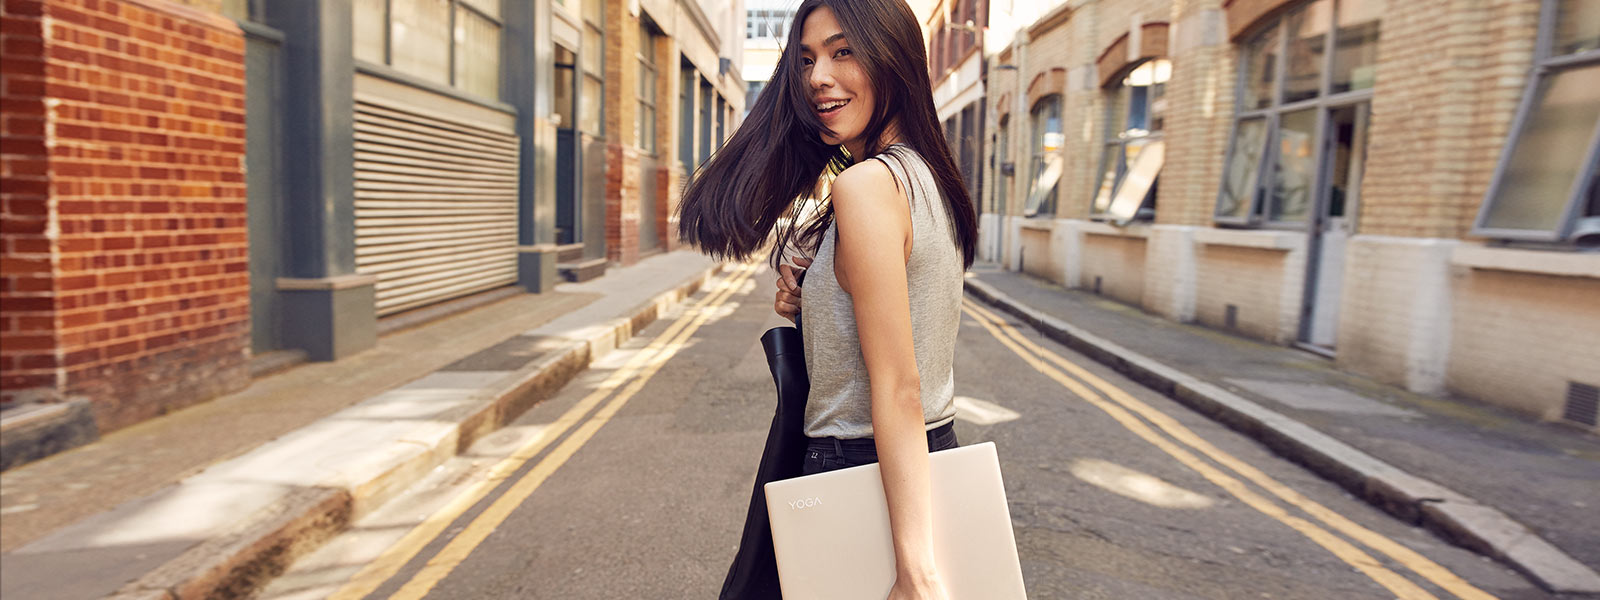 Женщина идет по улице с Lenovo YOGA 910